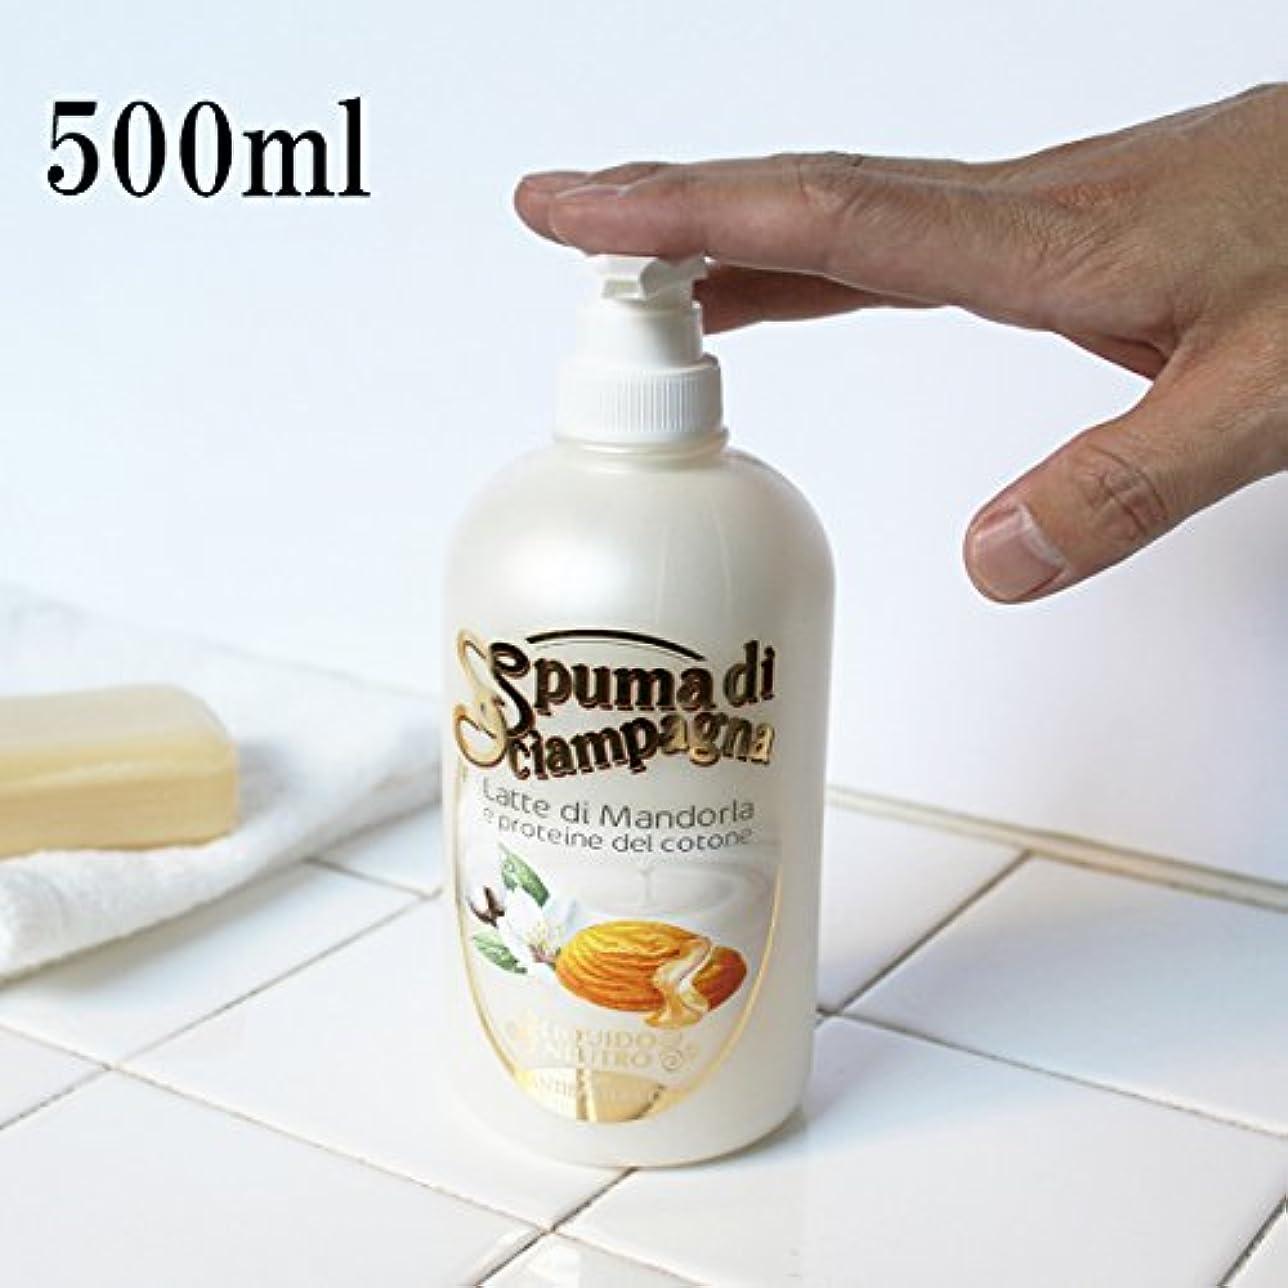 郡民間フィドルSpuma di Sciampagna (スプーマ ディ シャンパーニャ) リキッドソープ 500ml アーモンドの香り